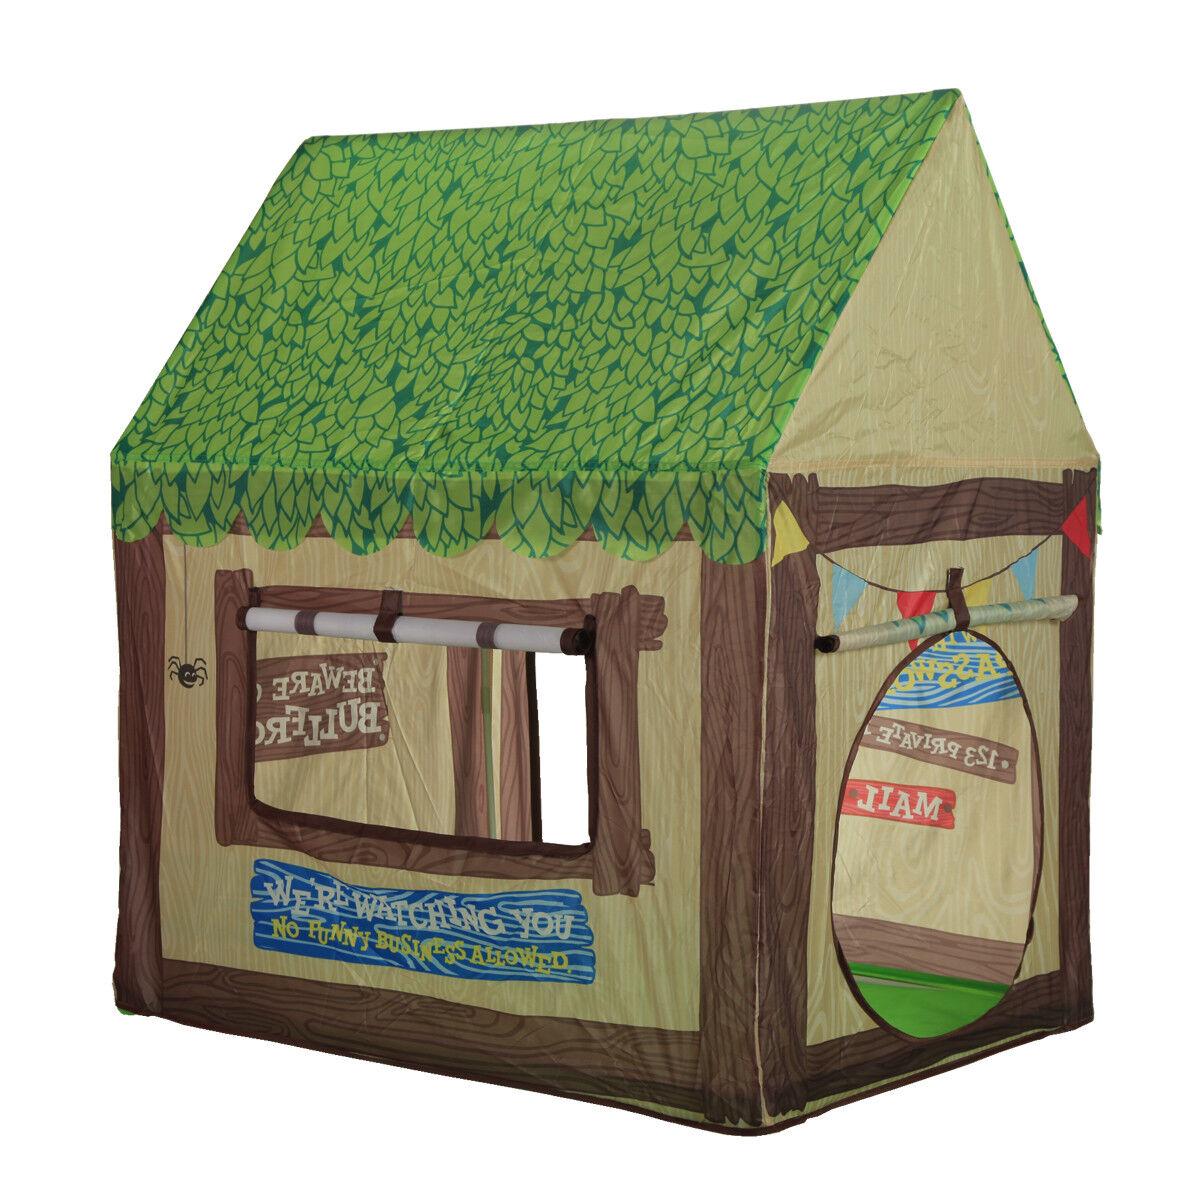 Kids Play Tent Children Playhouse - Indoor Tent Pop Up Model